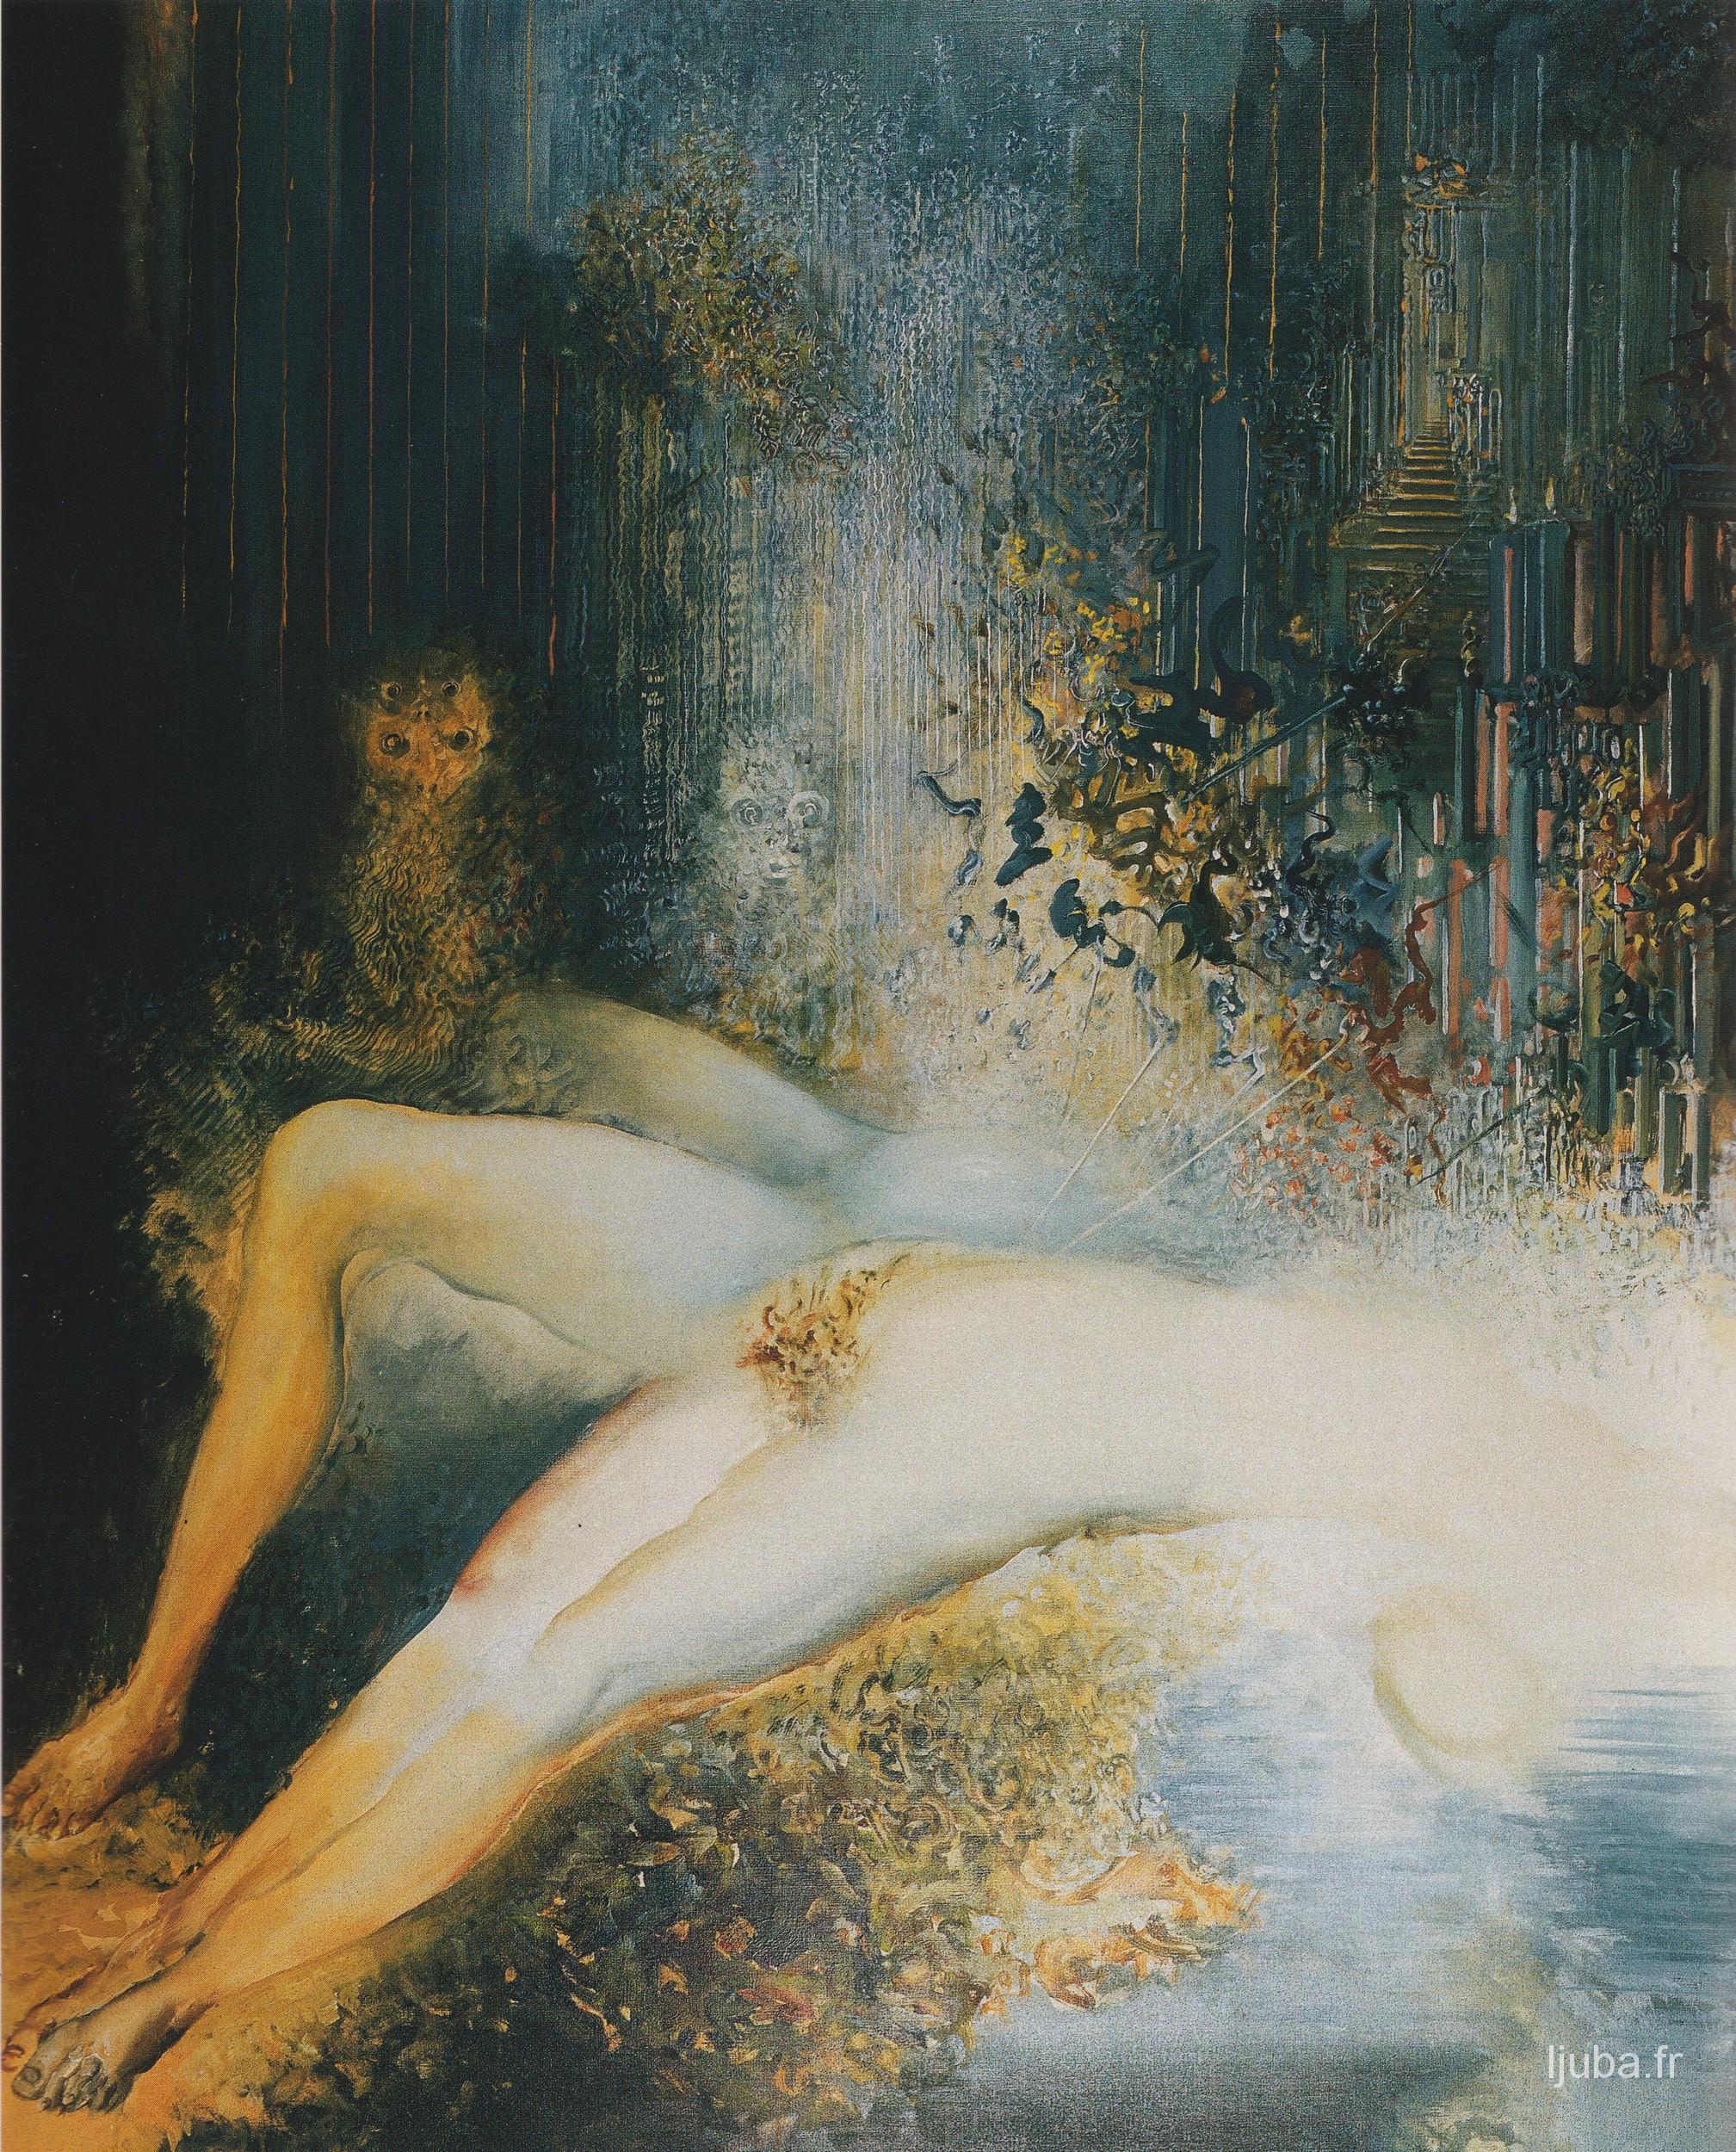 Ljuba Popovic - 1988, Dolina sove ili Histerično telo